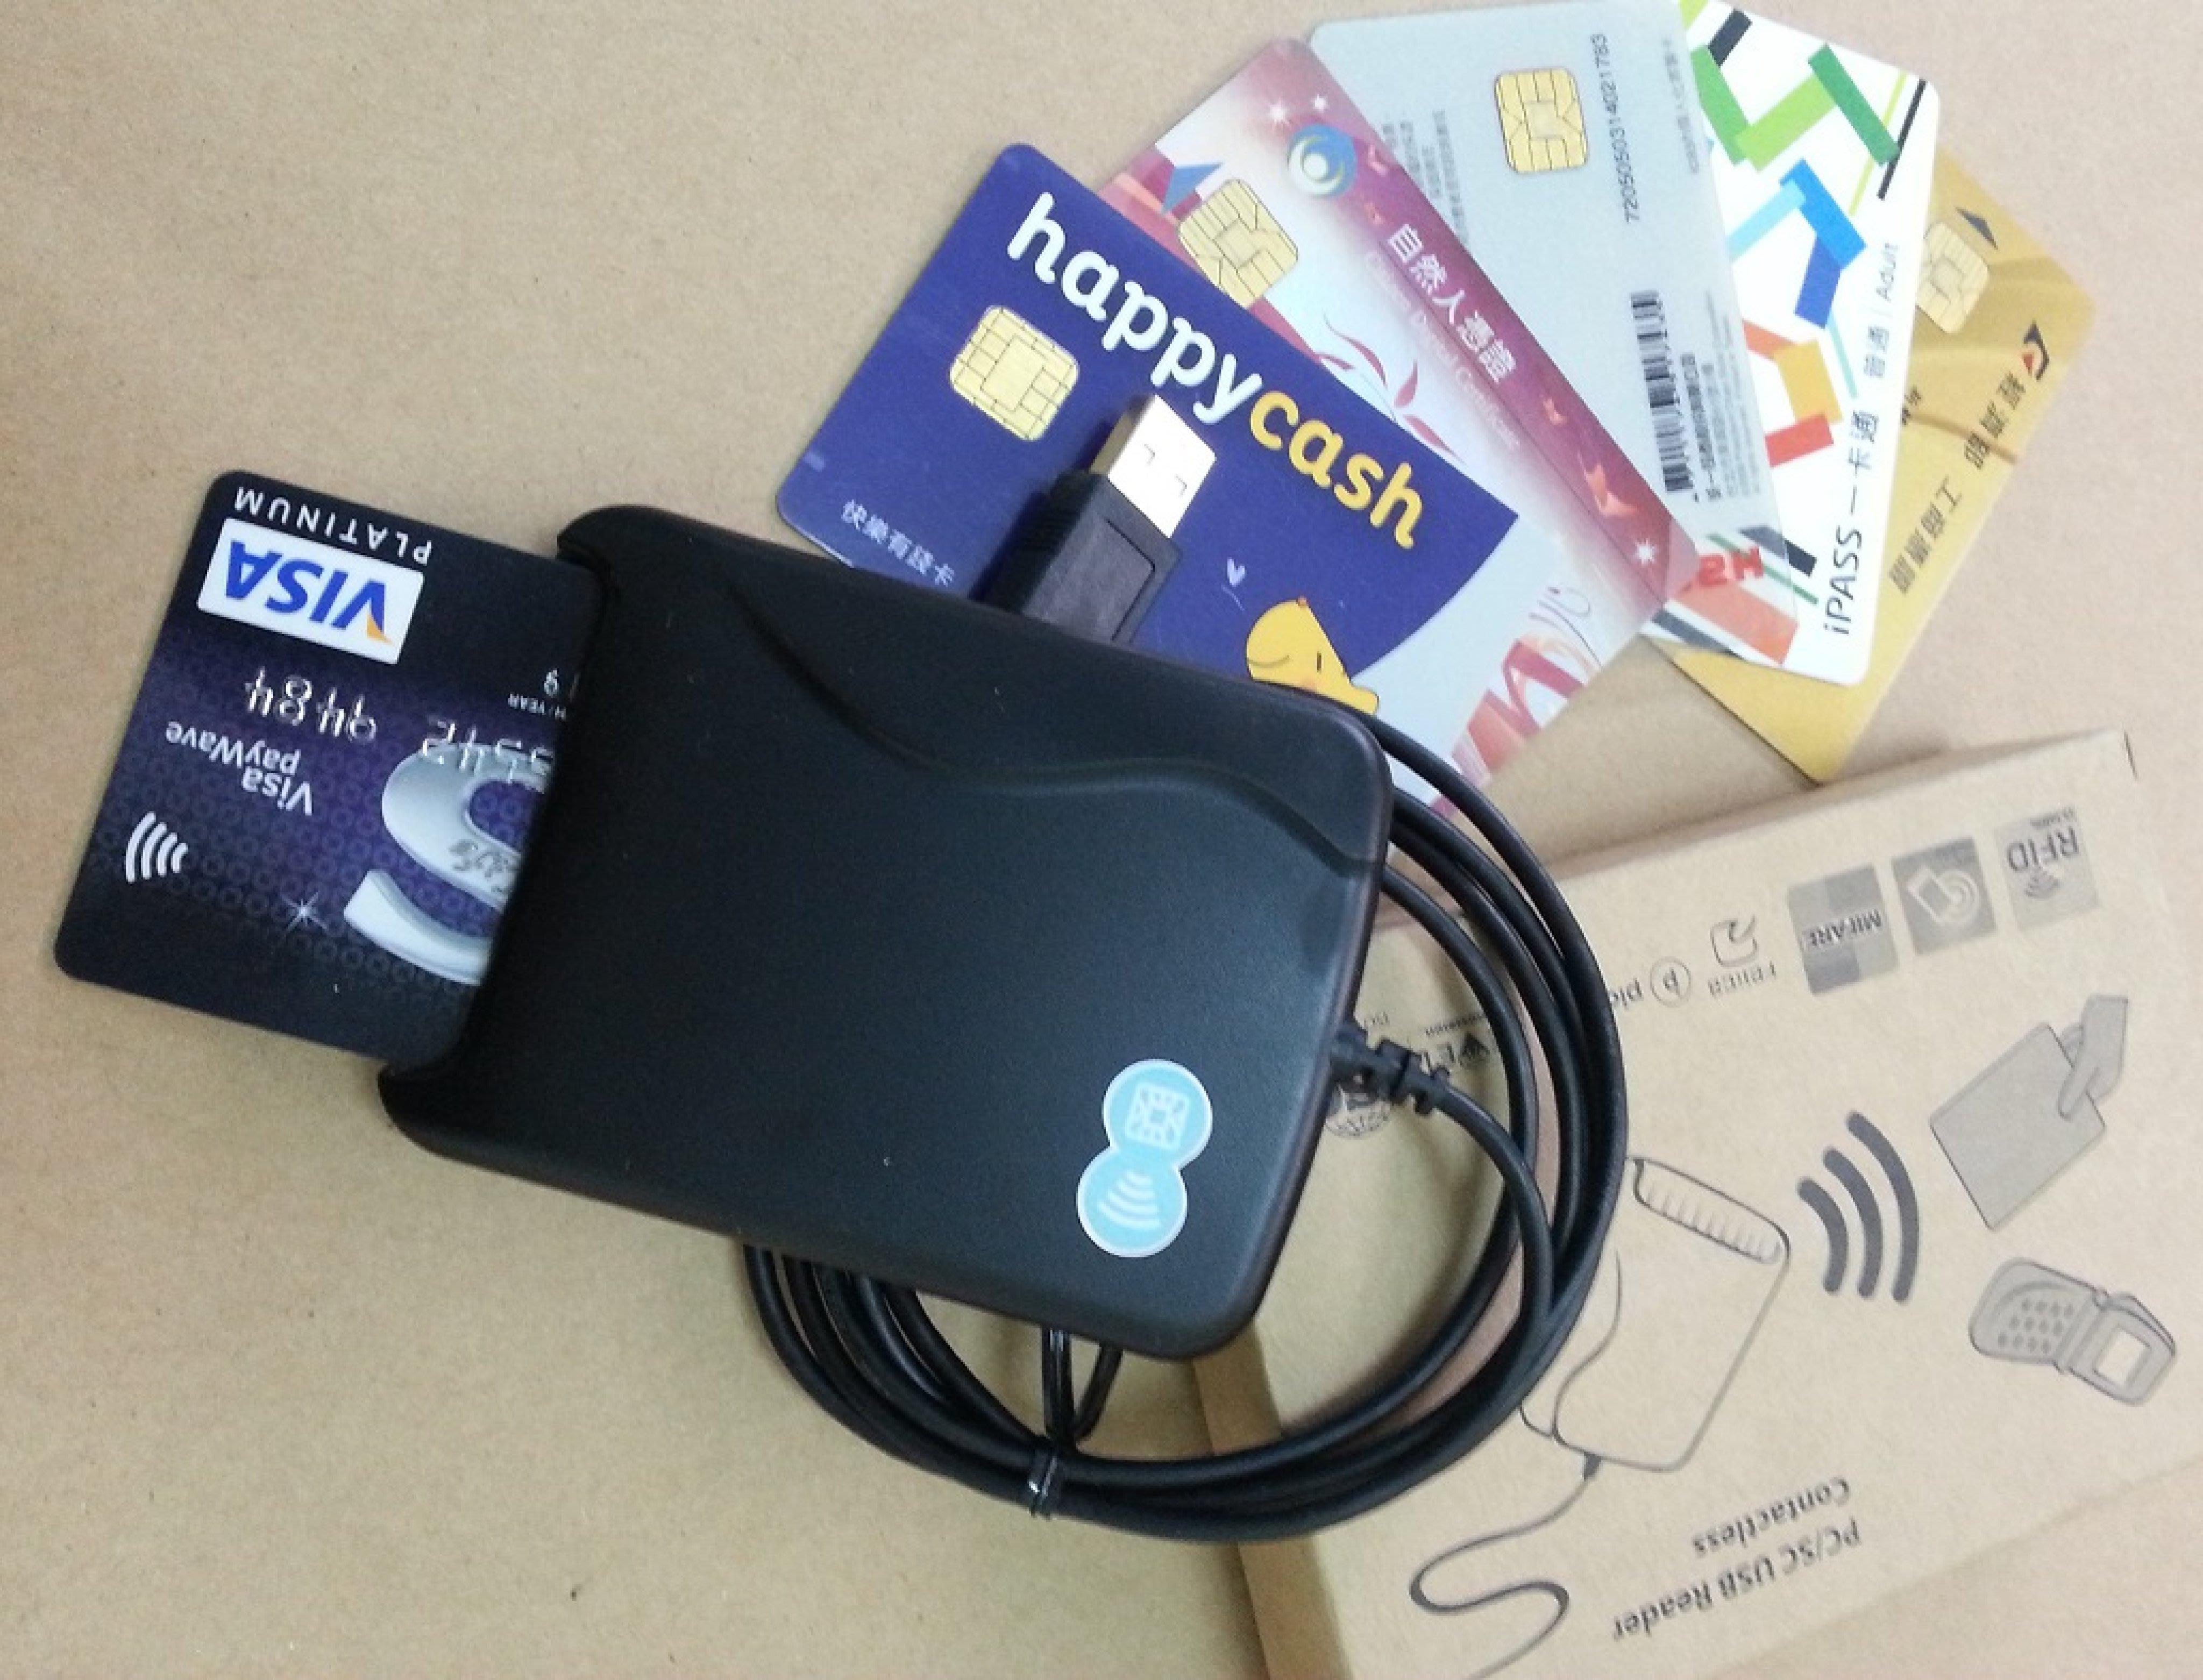 晶片+感應雙介面讀卡機 NFC RFID Reader Mifare 悠遊卡一卡通健保IC卡金融卡自然人憑證